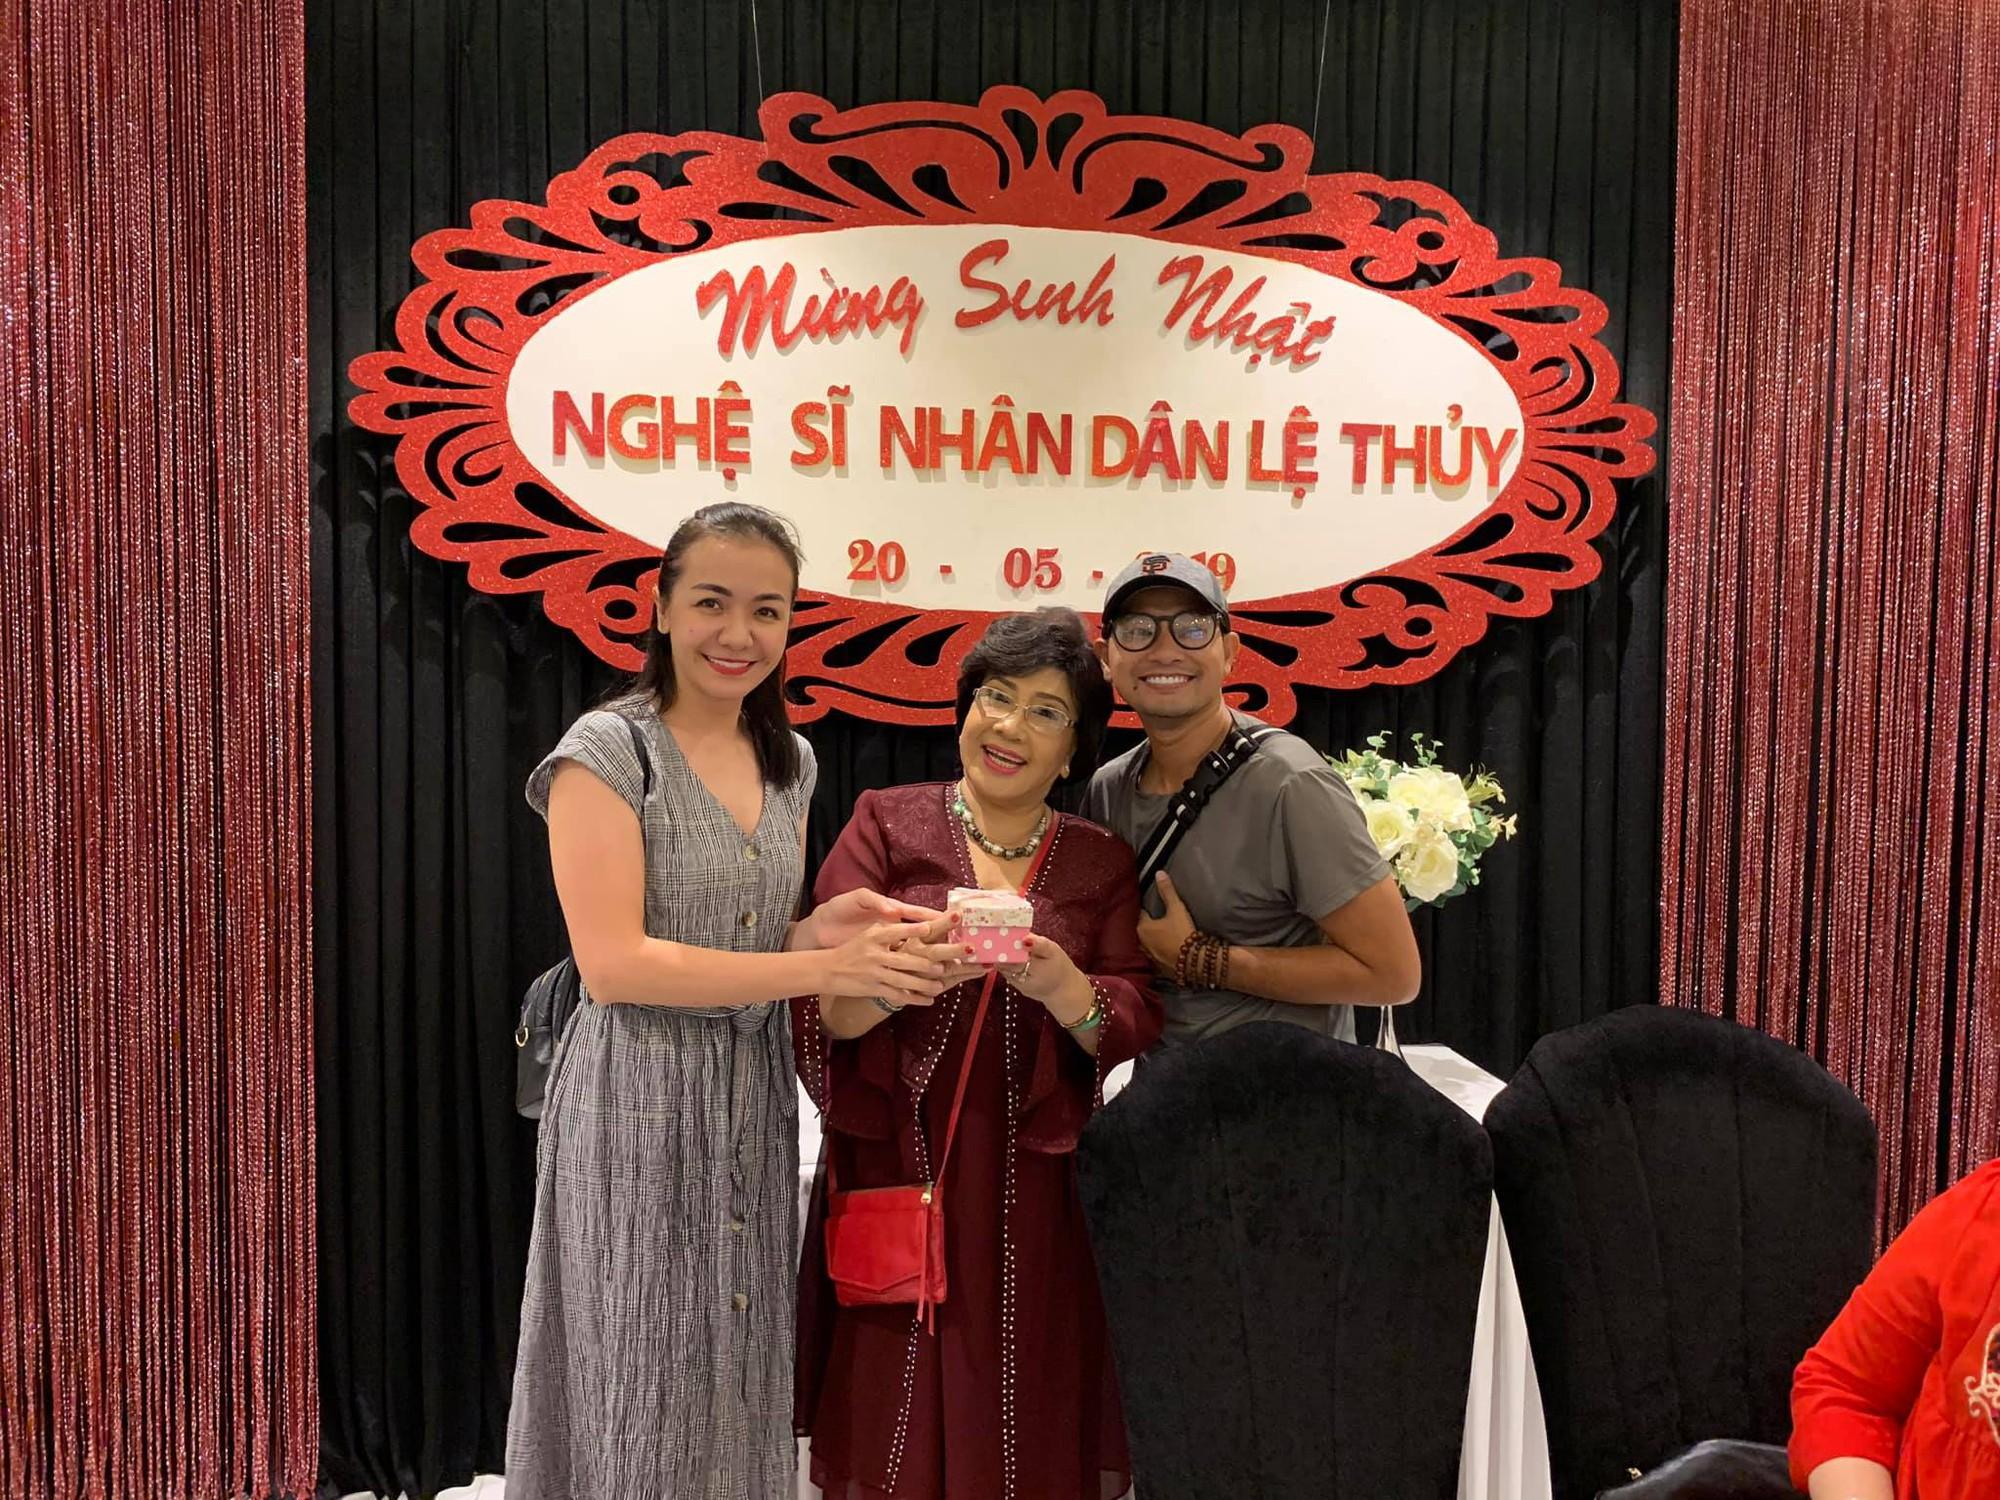 Dàn sao Việt tưng bừng mừng sinh nhật NSND Lệ Thủy - Ảnh 4.